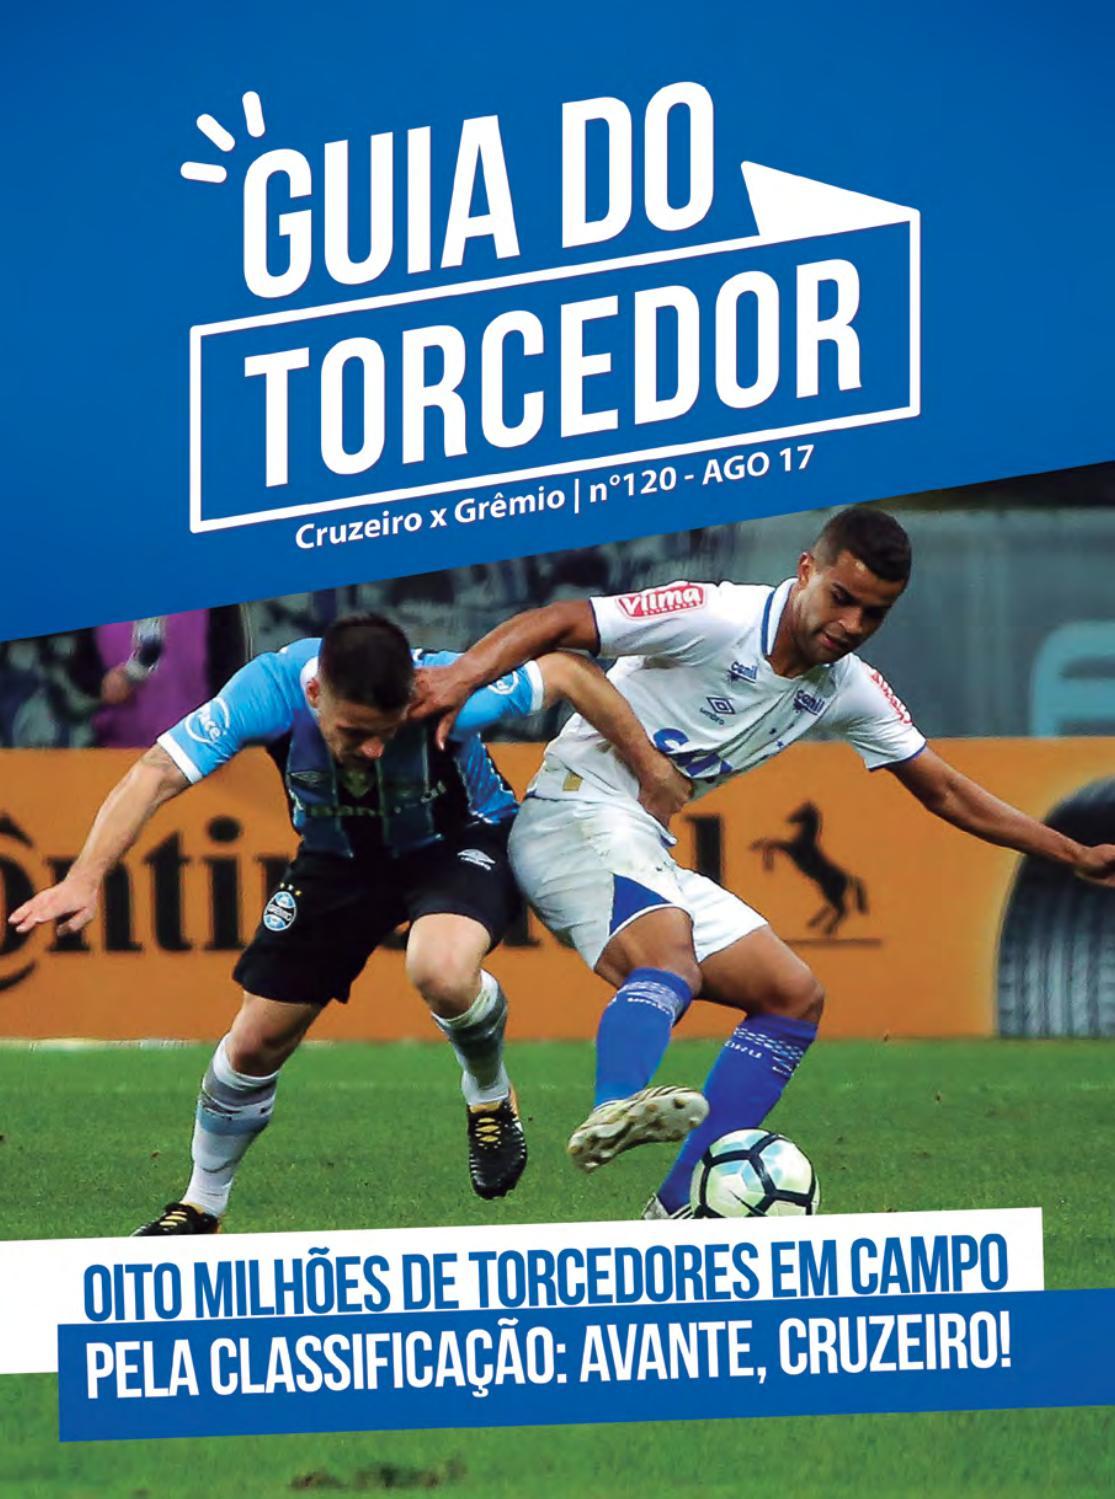 Guia do Torcedor Nº 120 - Cruzeiro x Grêmio - Ago 17 by Cruzeiro Esporte  Clube - issuu 2096ed1274265